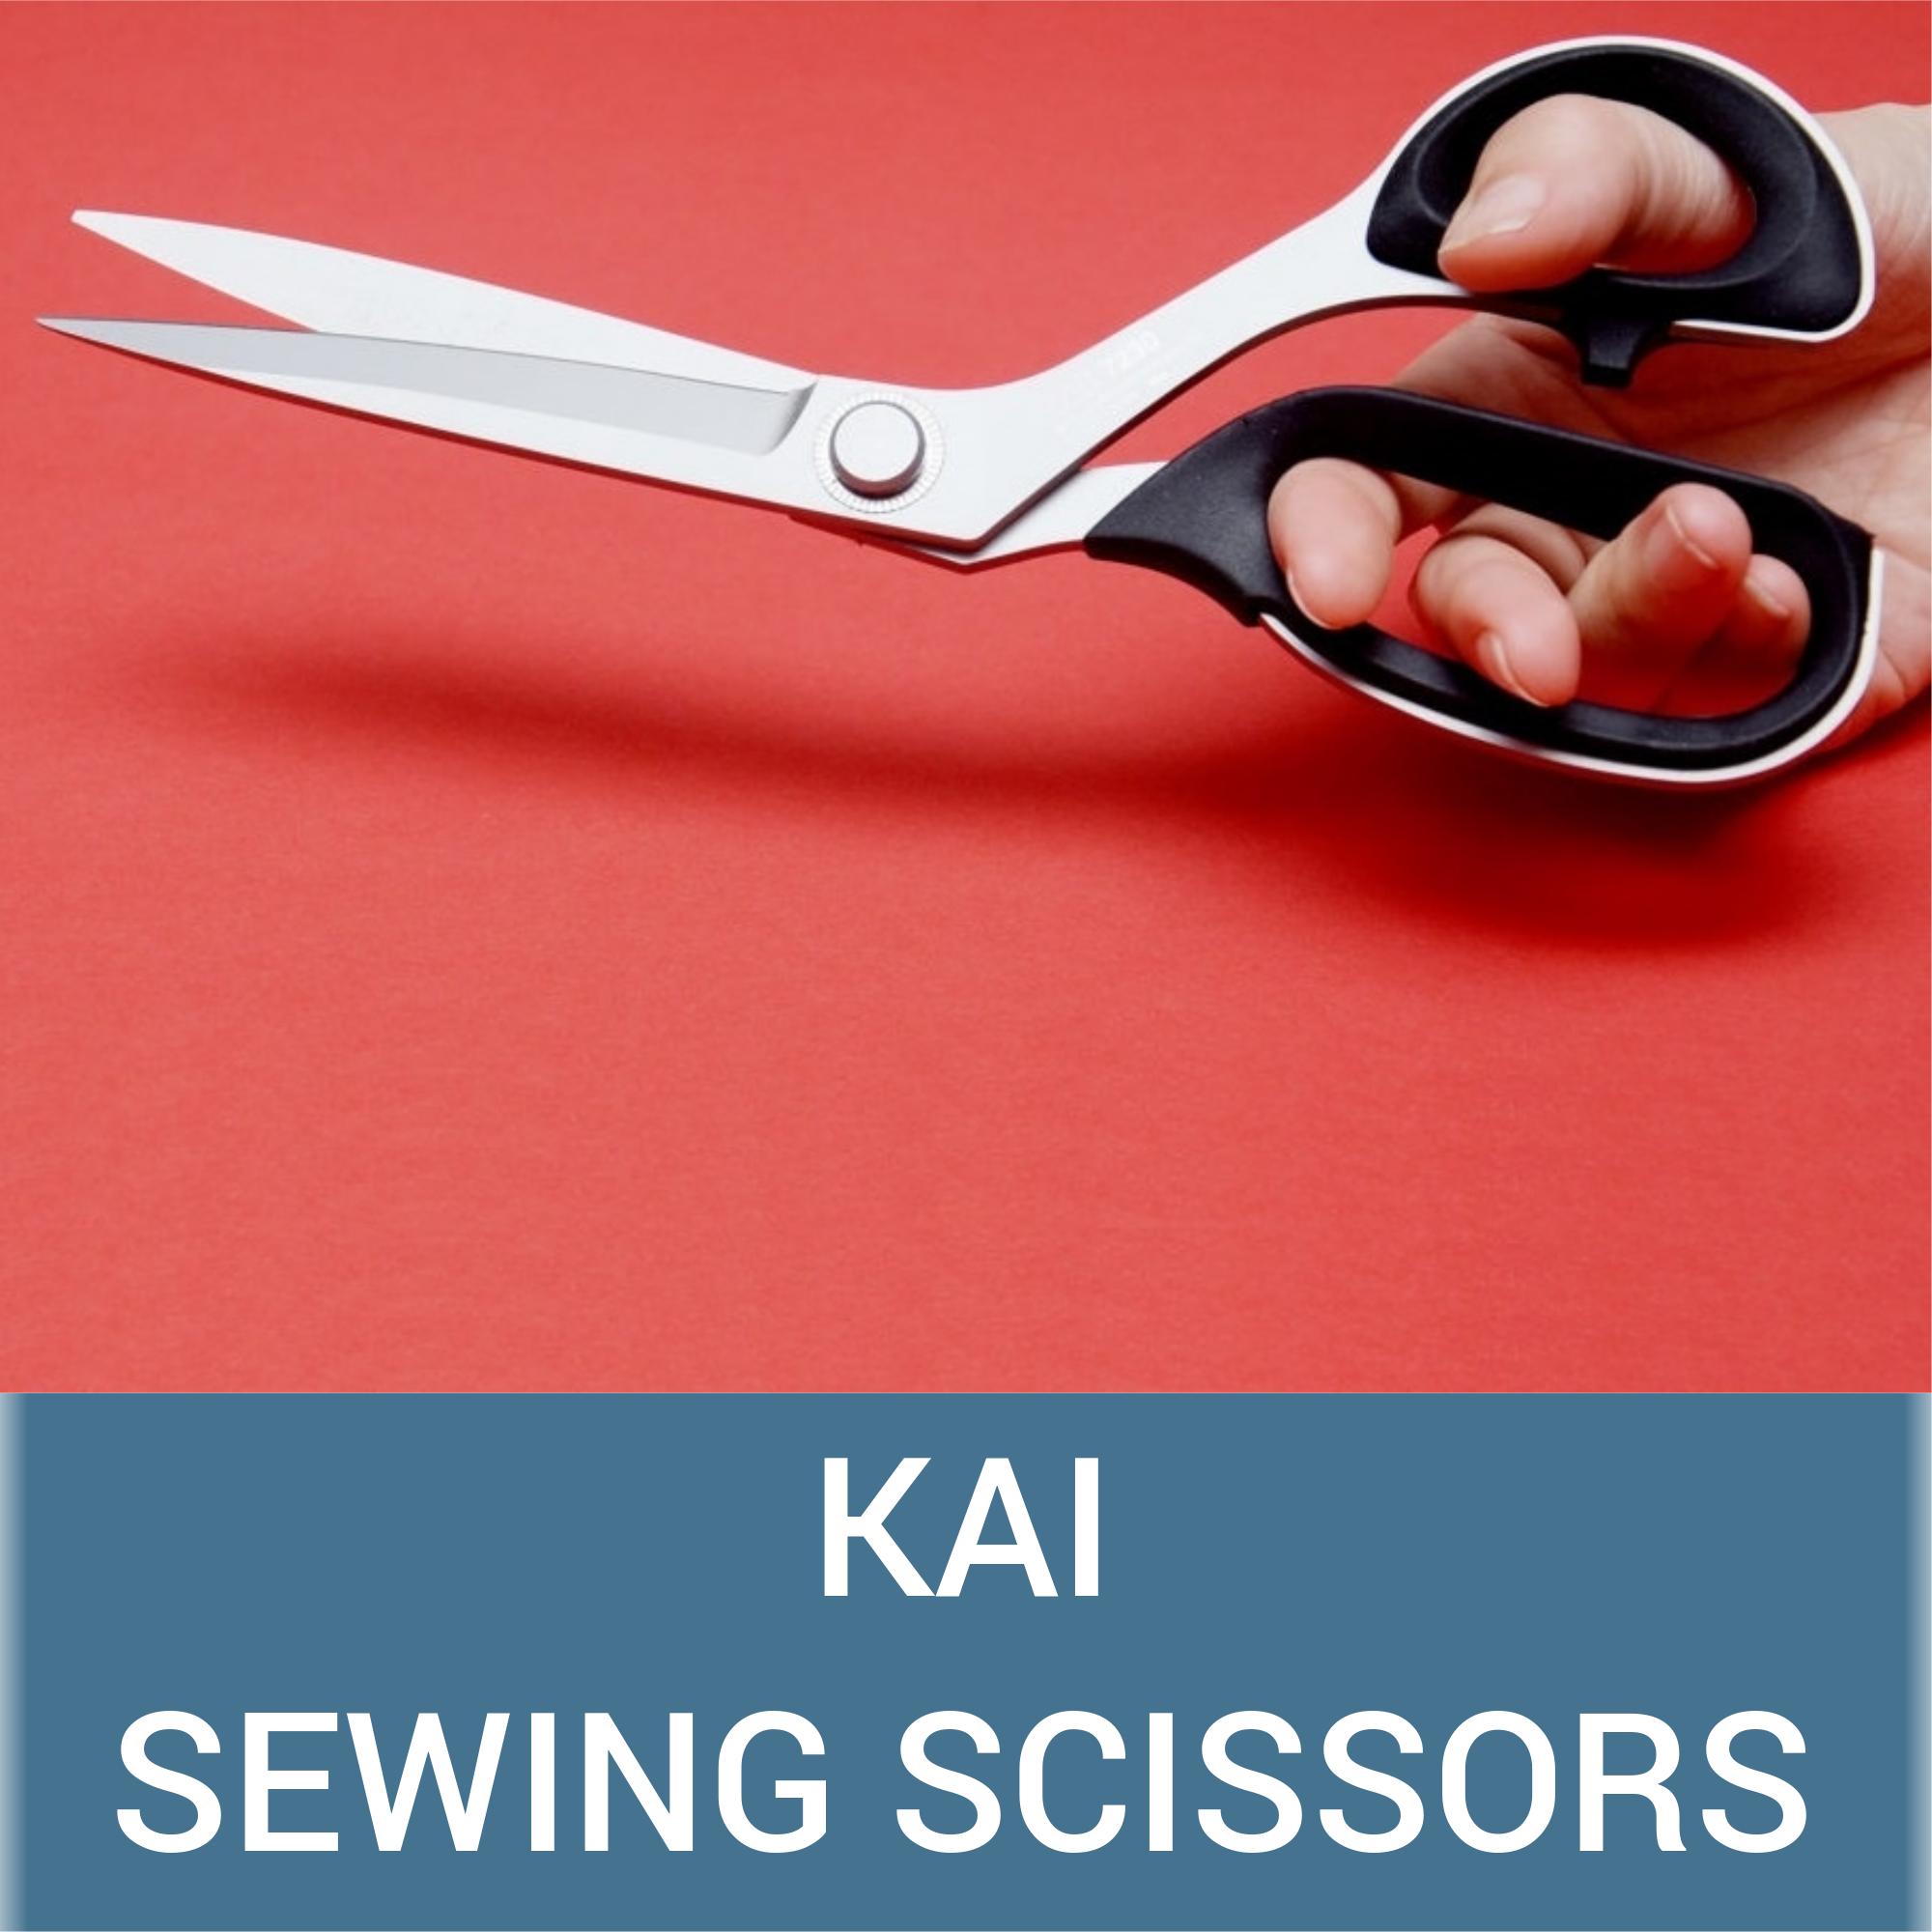 KAI Sewing Scissors